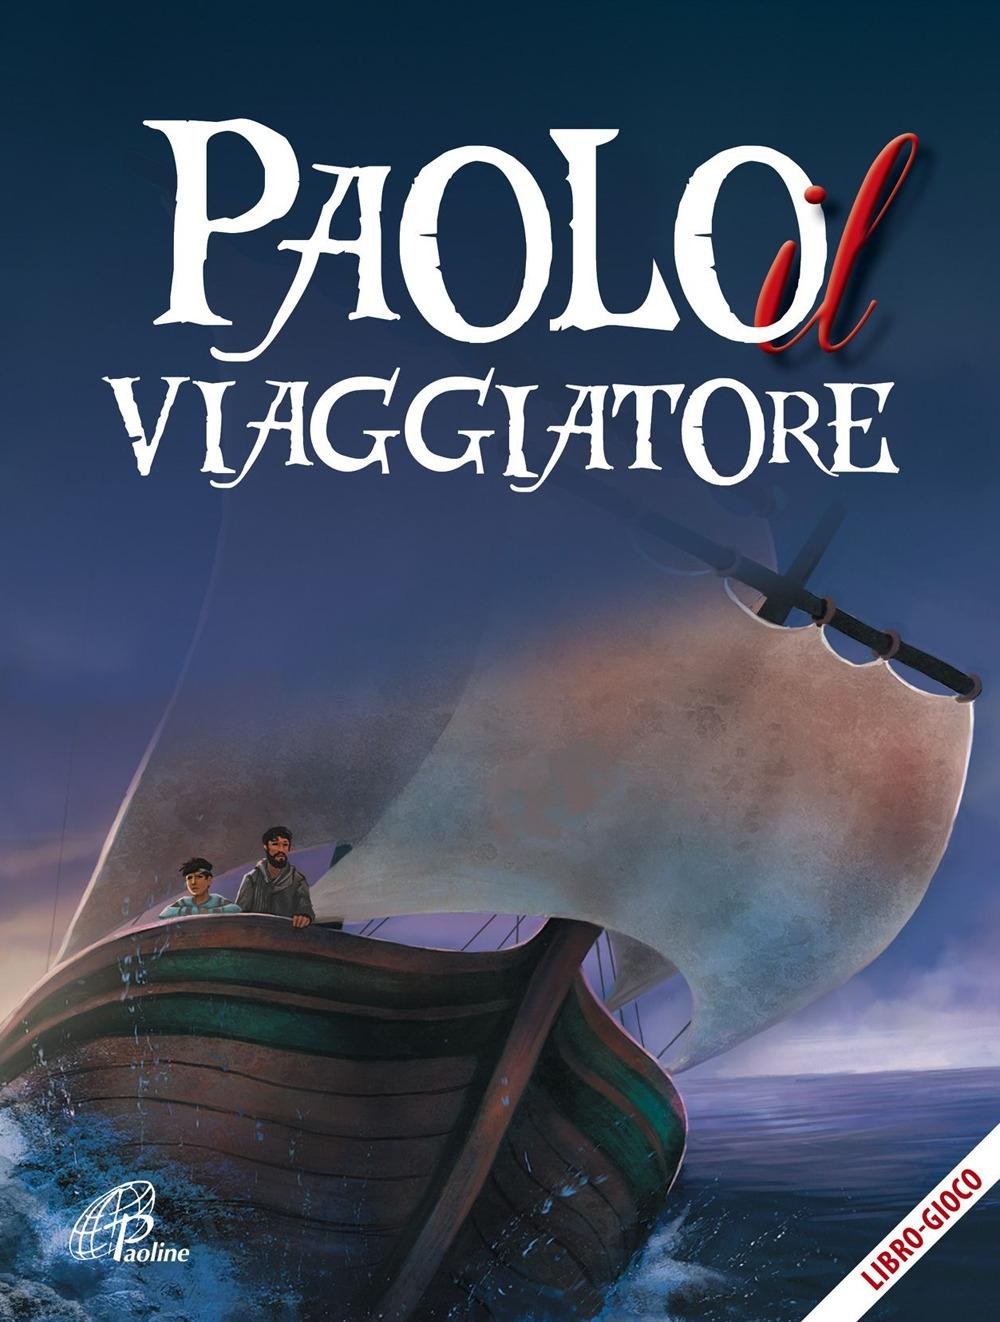 Paolo viaggiatore.